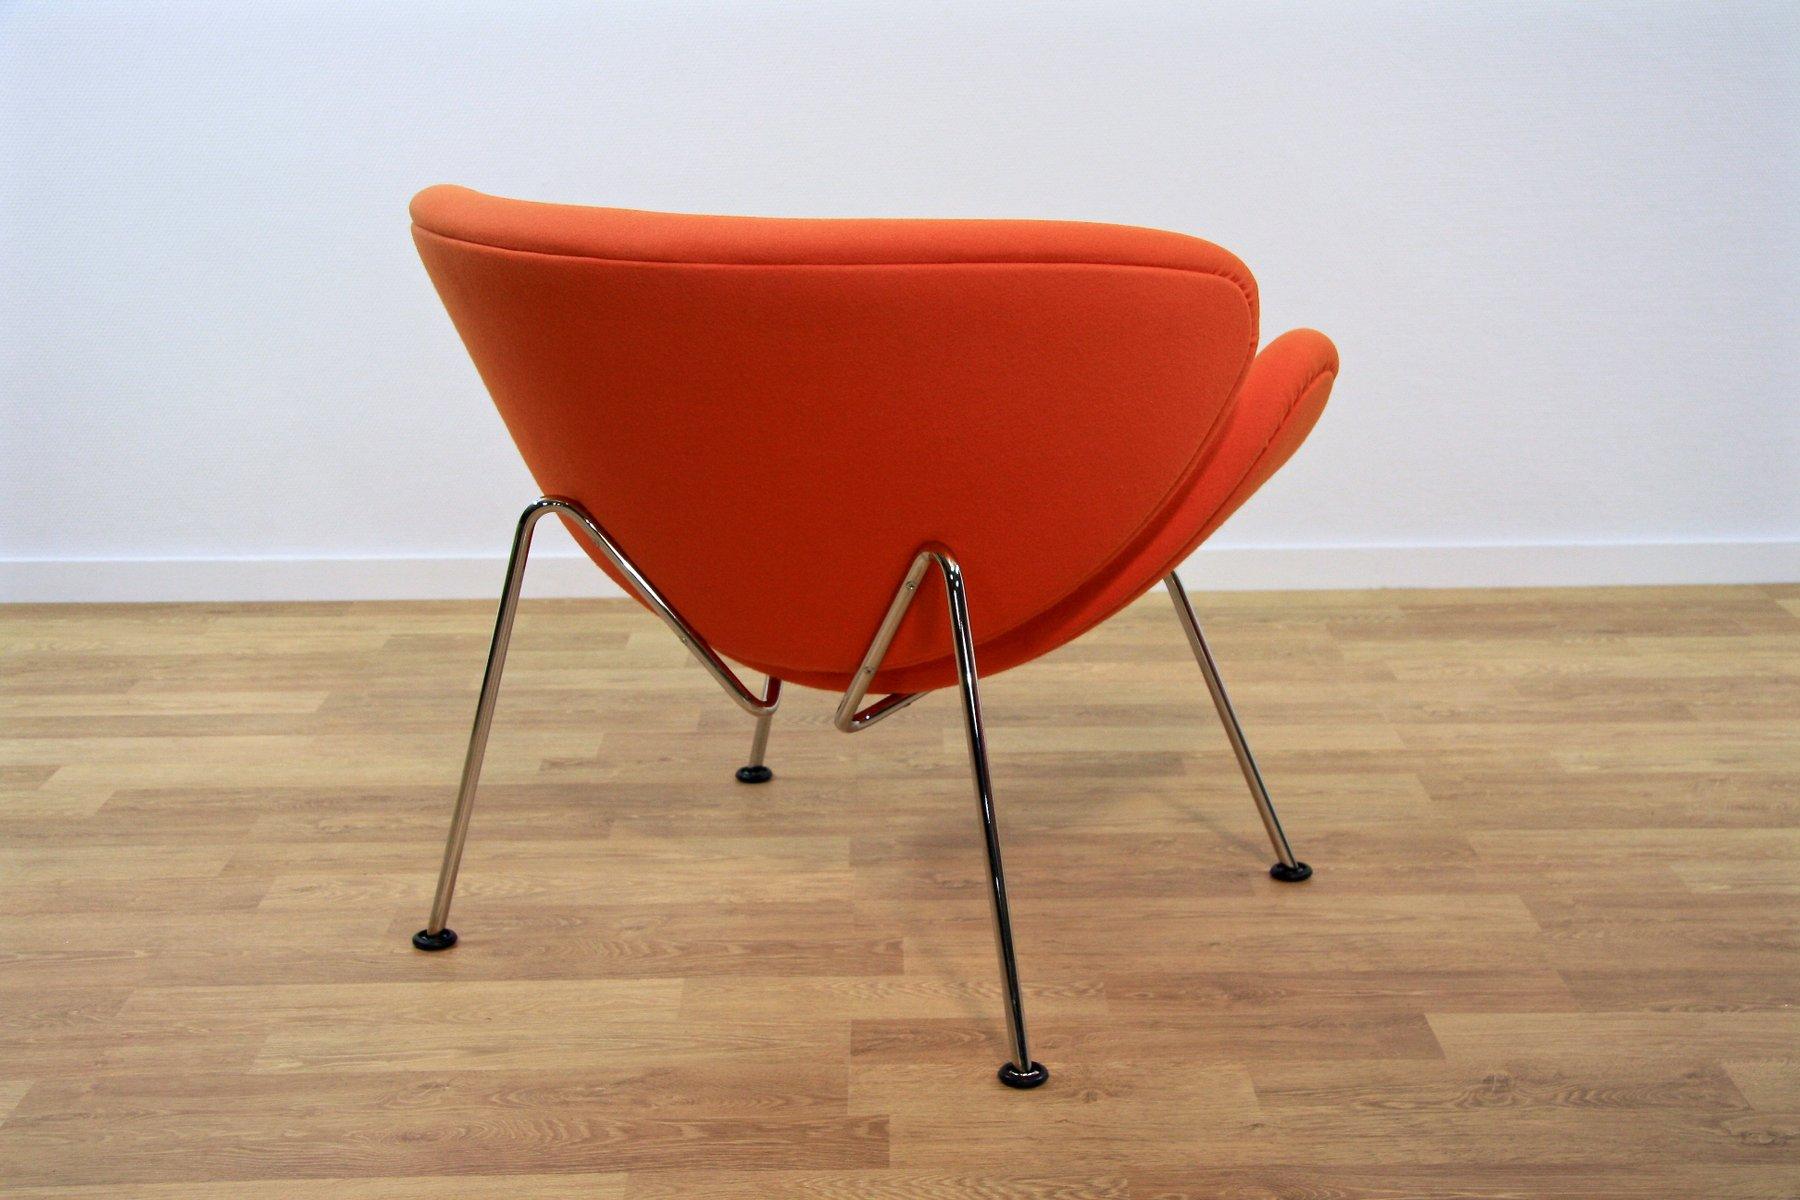 fauteuil slice f 437 orange par pierre paulin pour artifort 1970s en vente sur pamono. Black Bedroom Furniture Sets. Home Design Ideas